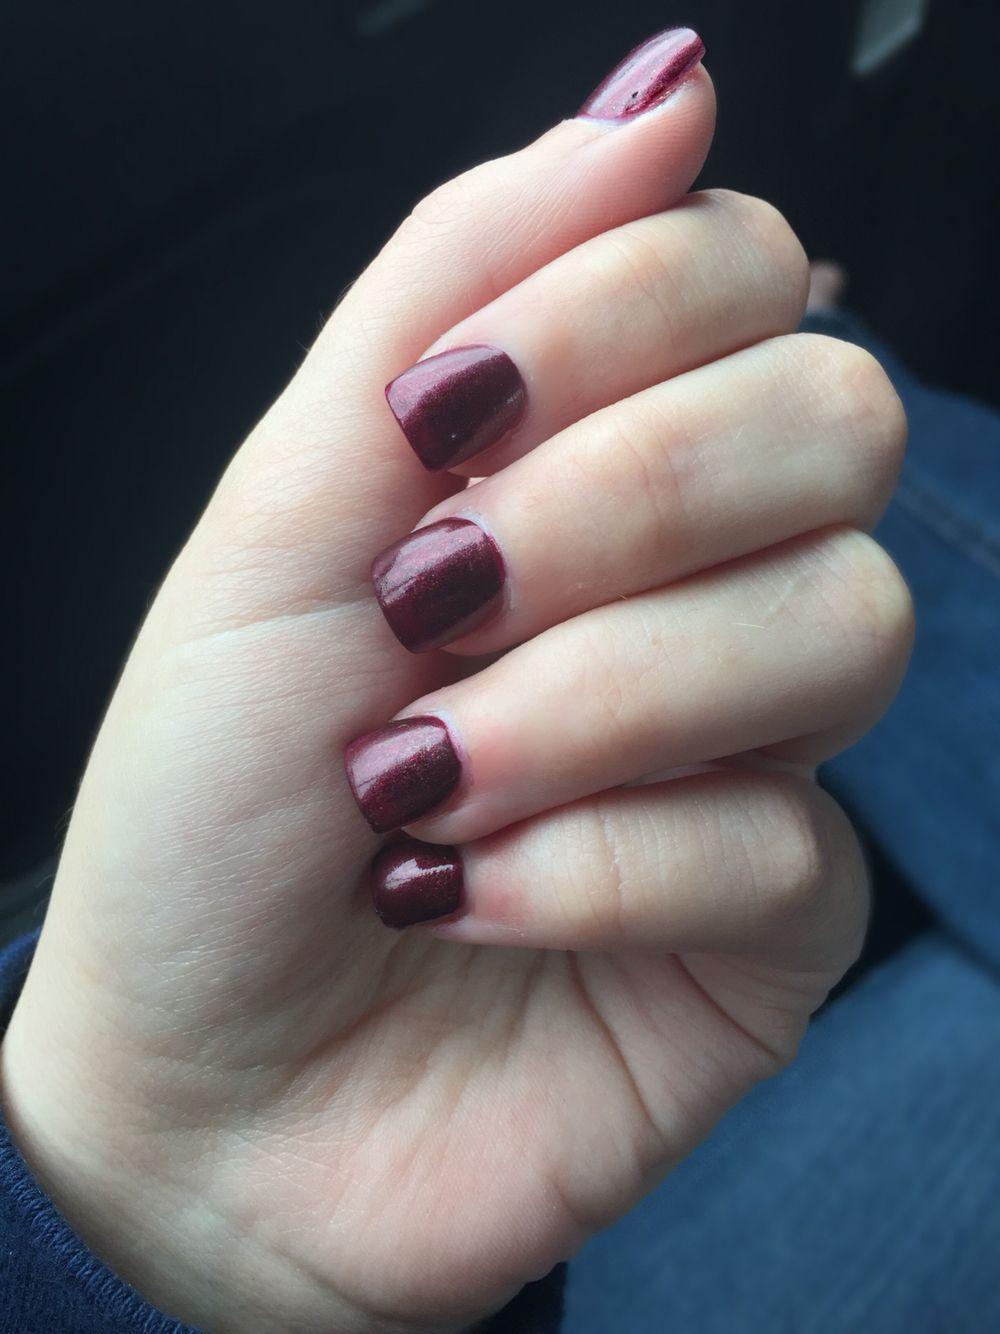 Fall acrylic nails short nails dark red nails autumn nails winter ...